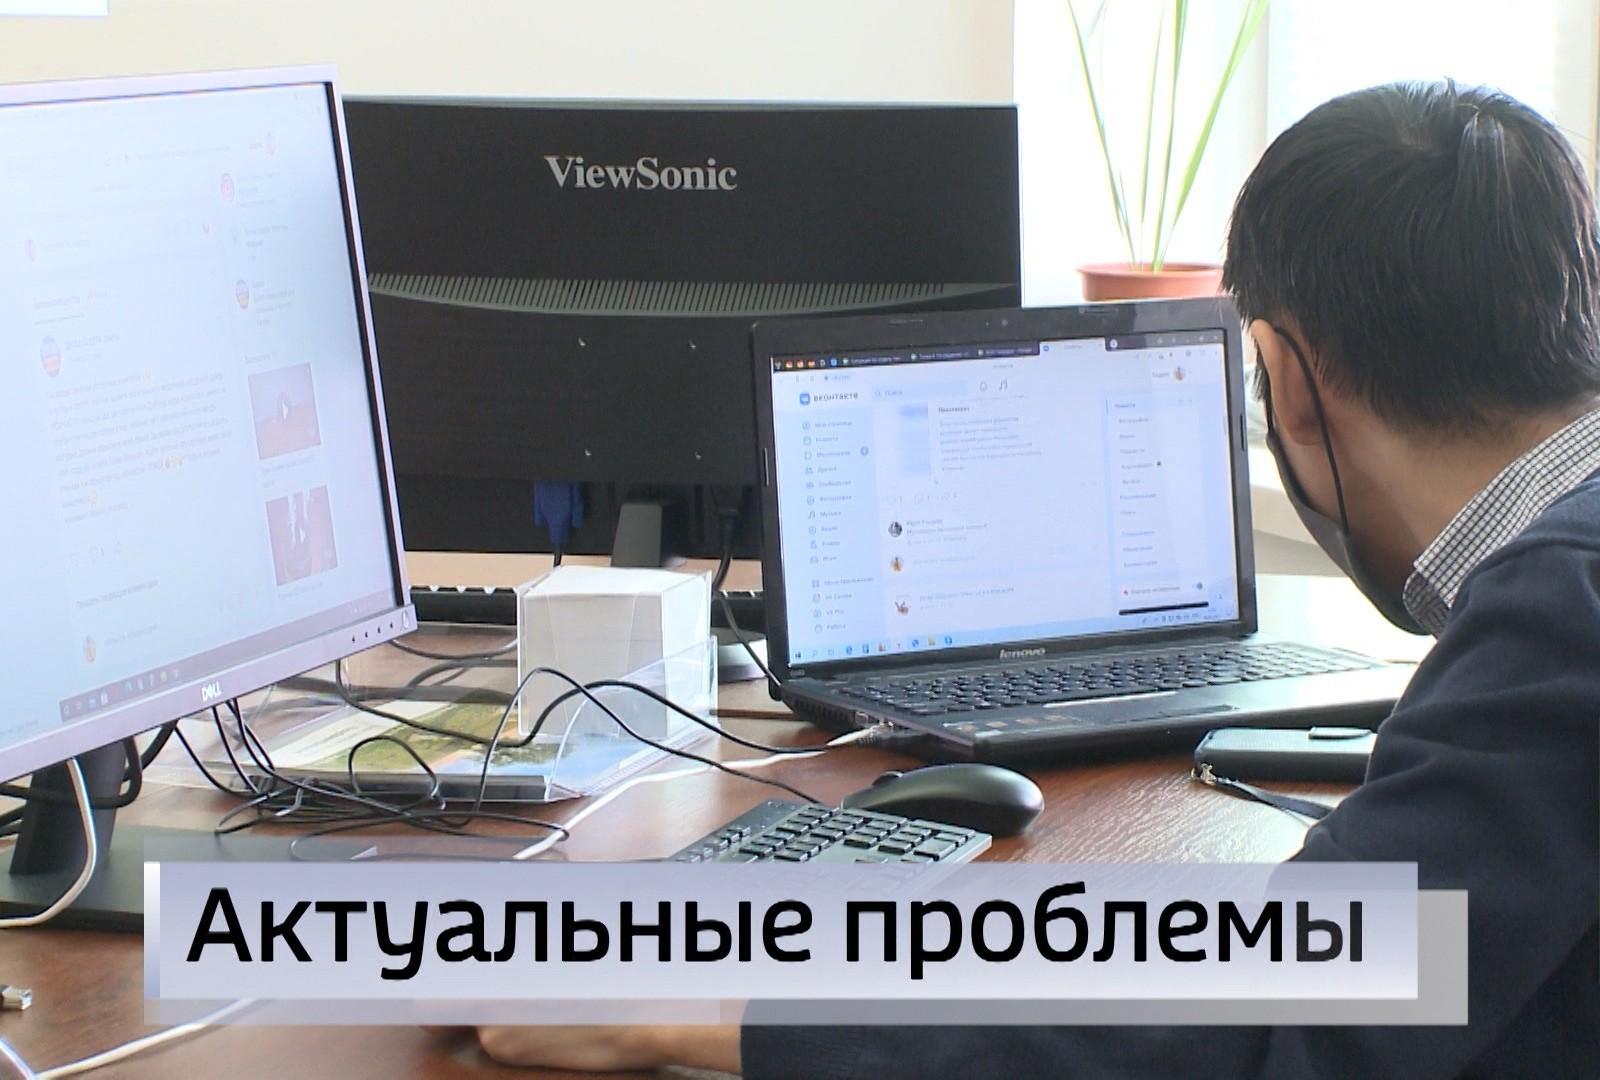 Более 800 обращений жителей Калмыкии зафиксировал Центр управления регионом